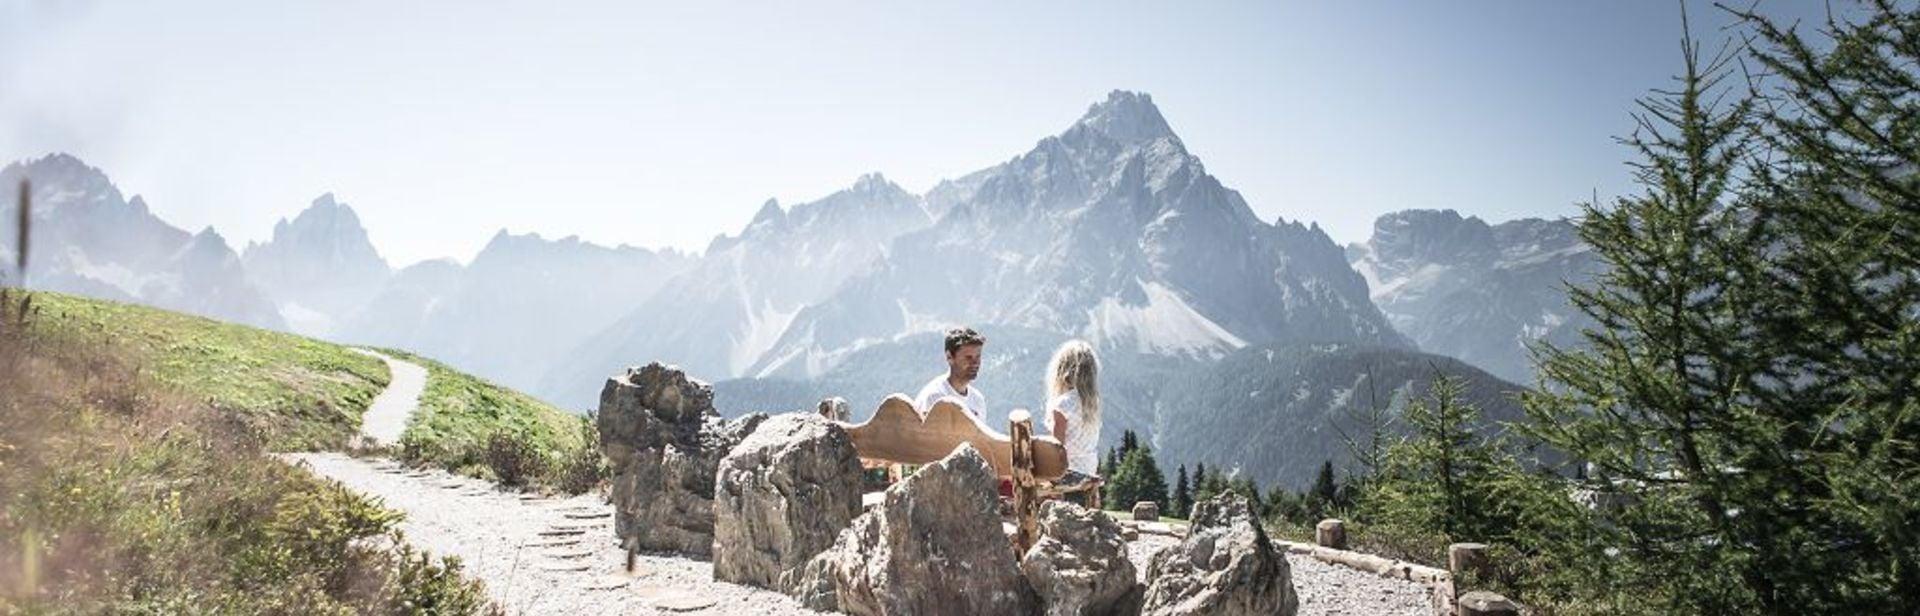 Time for mountain enjoyment